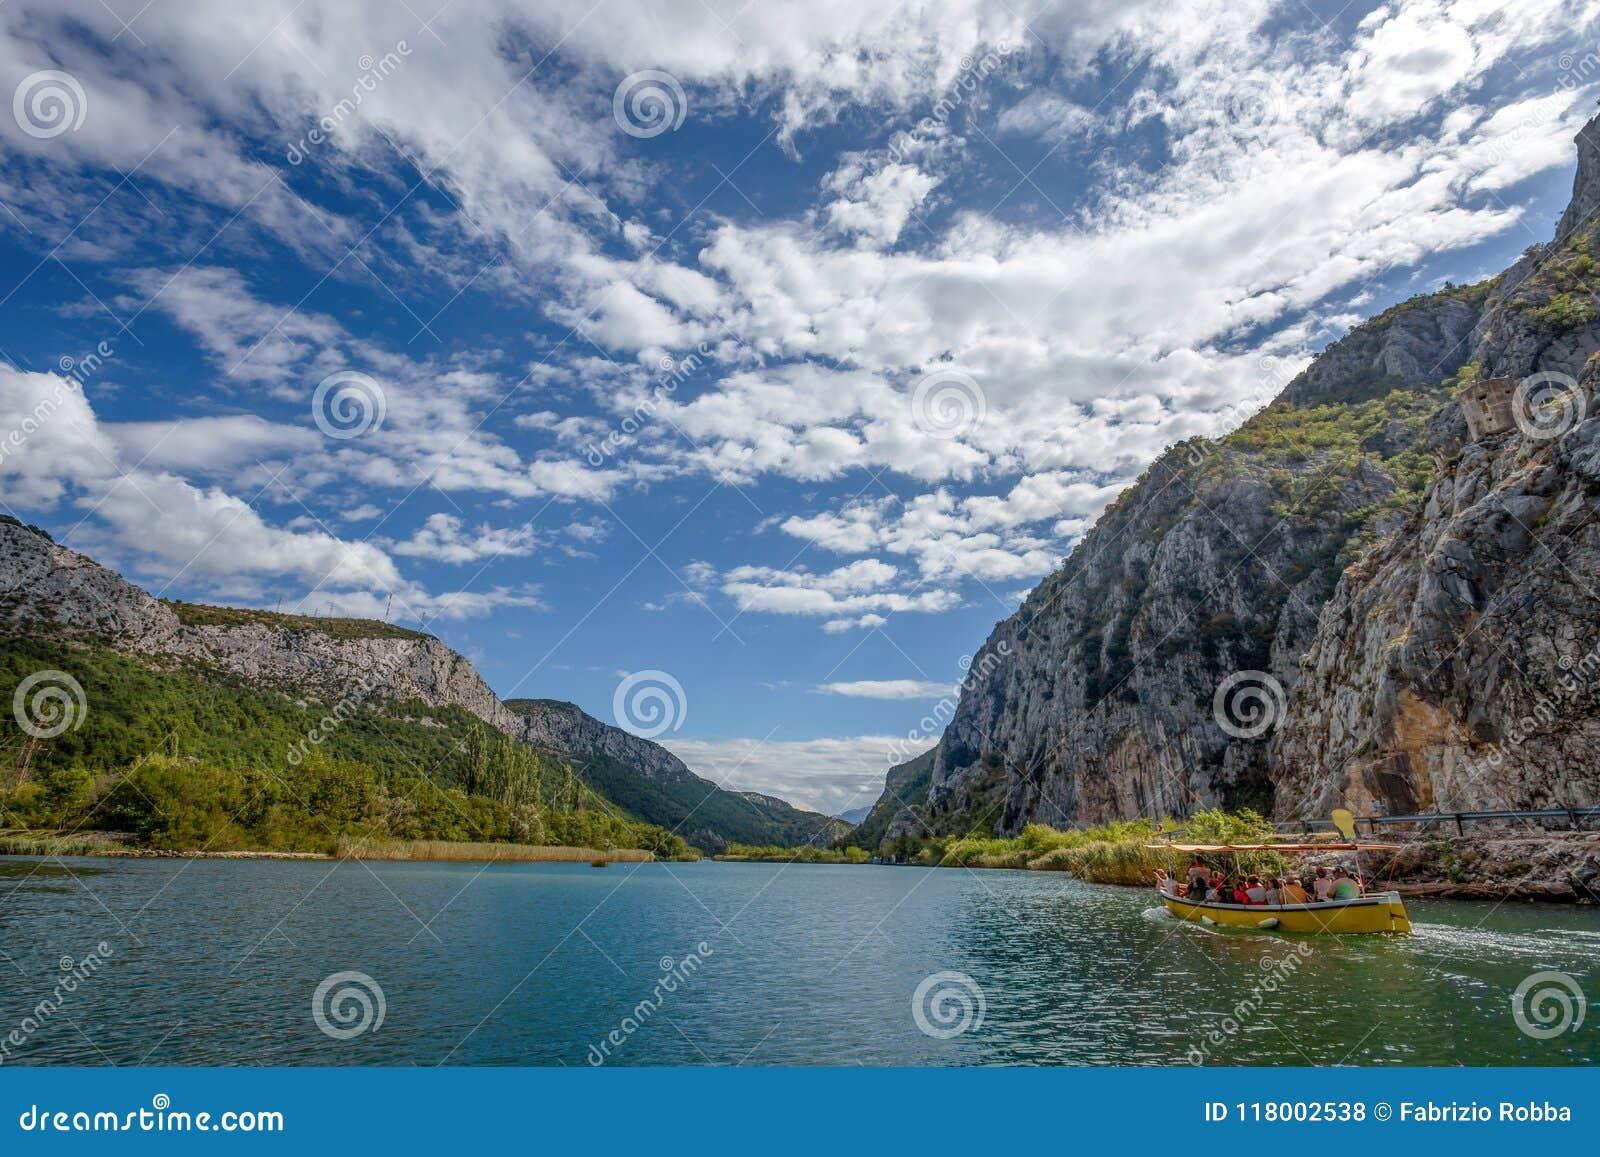 采廷娜河看法在Omis Almissa市,达尔马提亚,克罗地亚人附近的